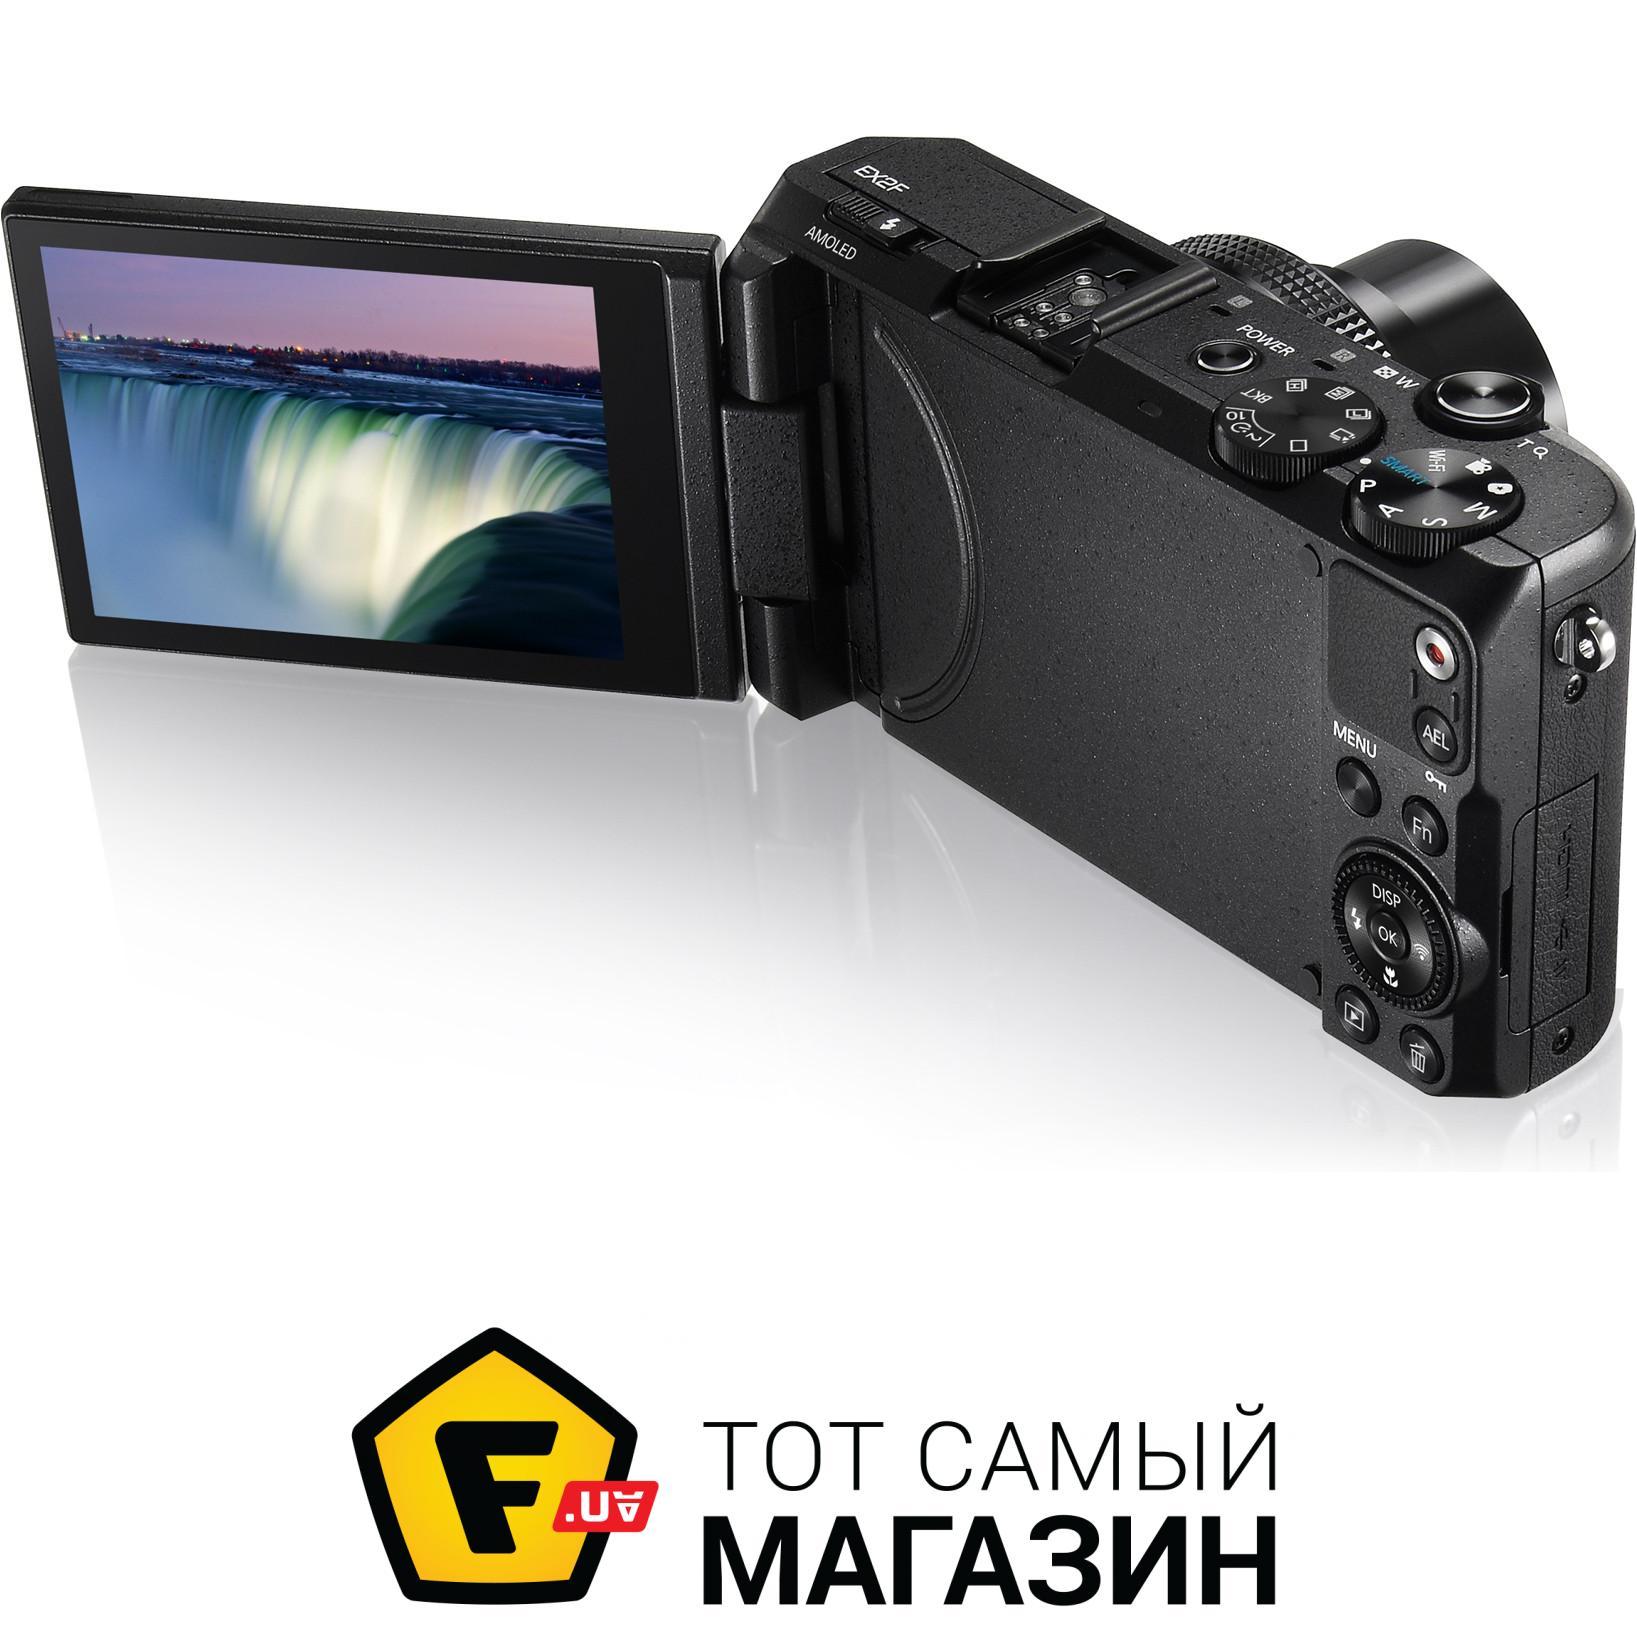 Лучший фотоаппарат с поворотным дисплеем это